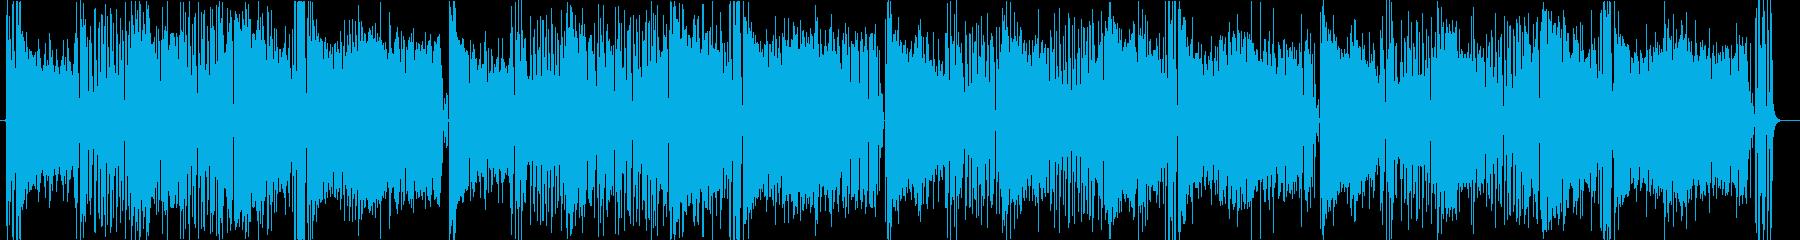 トロピカルでポップでかわいいゲーム音楽曲の再生済みの波形